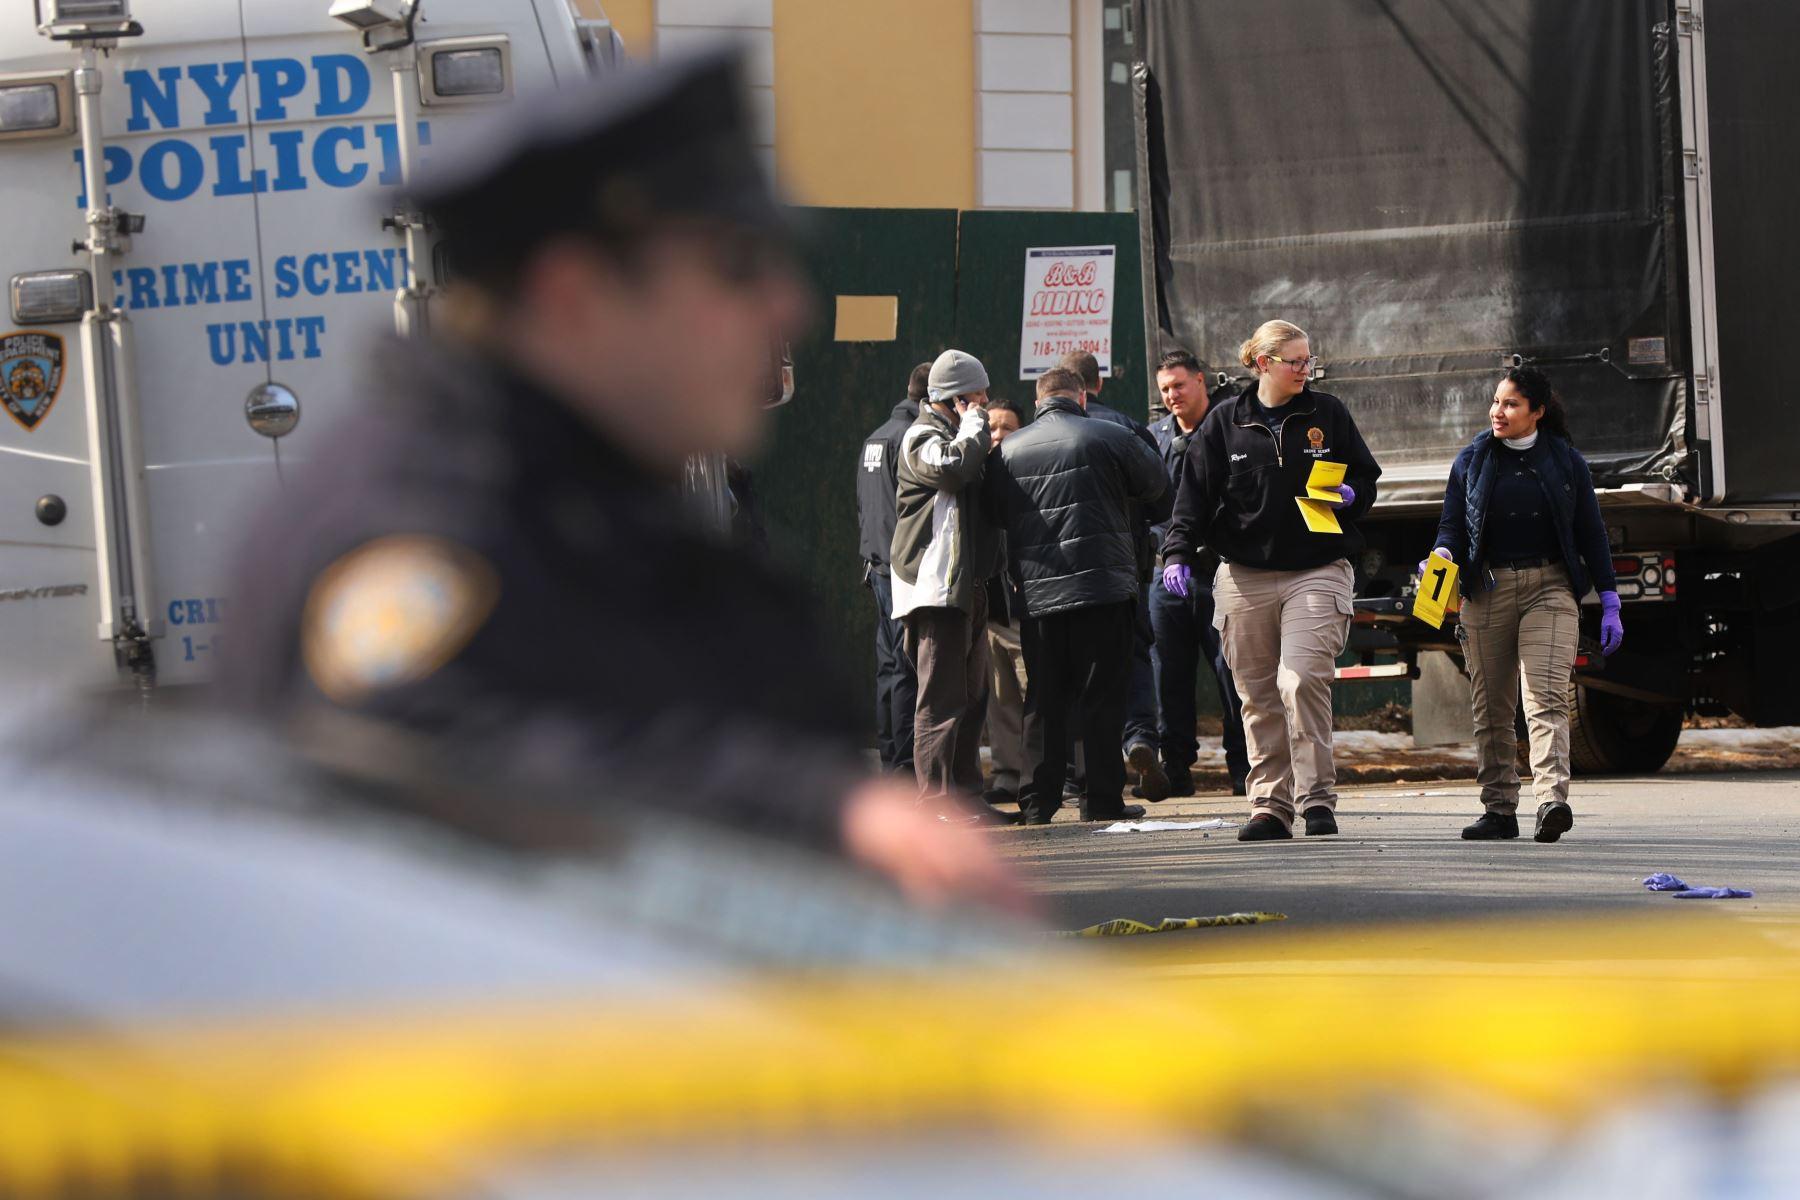 La policía se detiene cerca de donde el reputado jefe de la mafia, Francesco Franky Boy Cali, vivió y fue asesinado a tiros en el vecindario de Todt Hill en el distrito de Staten Island Nueva York. Foto: AFP